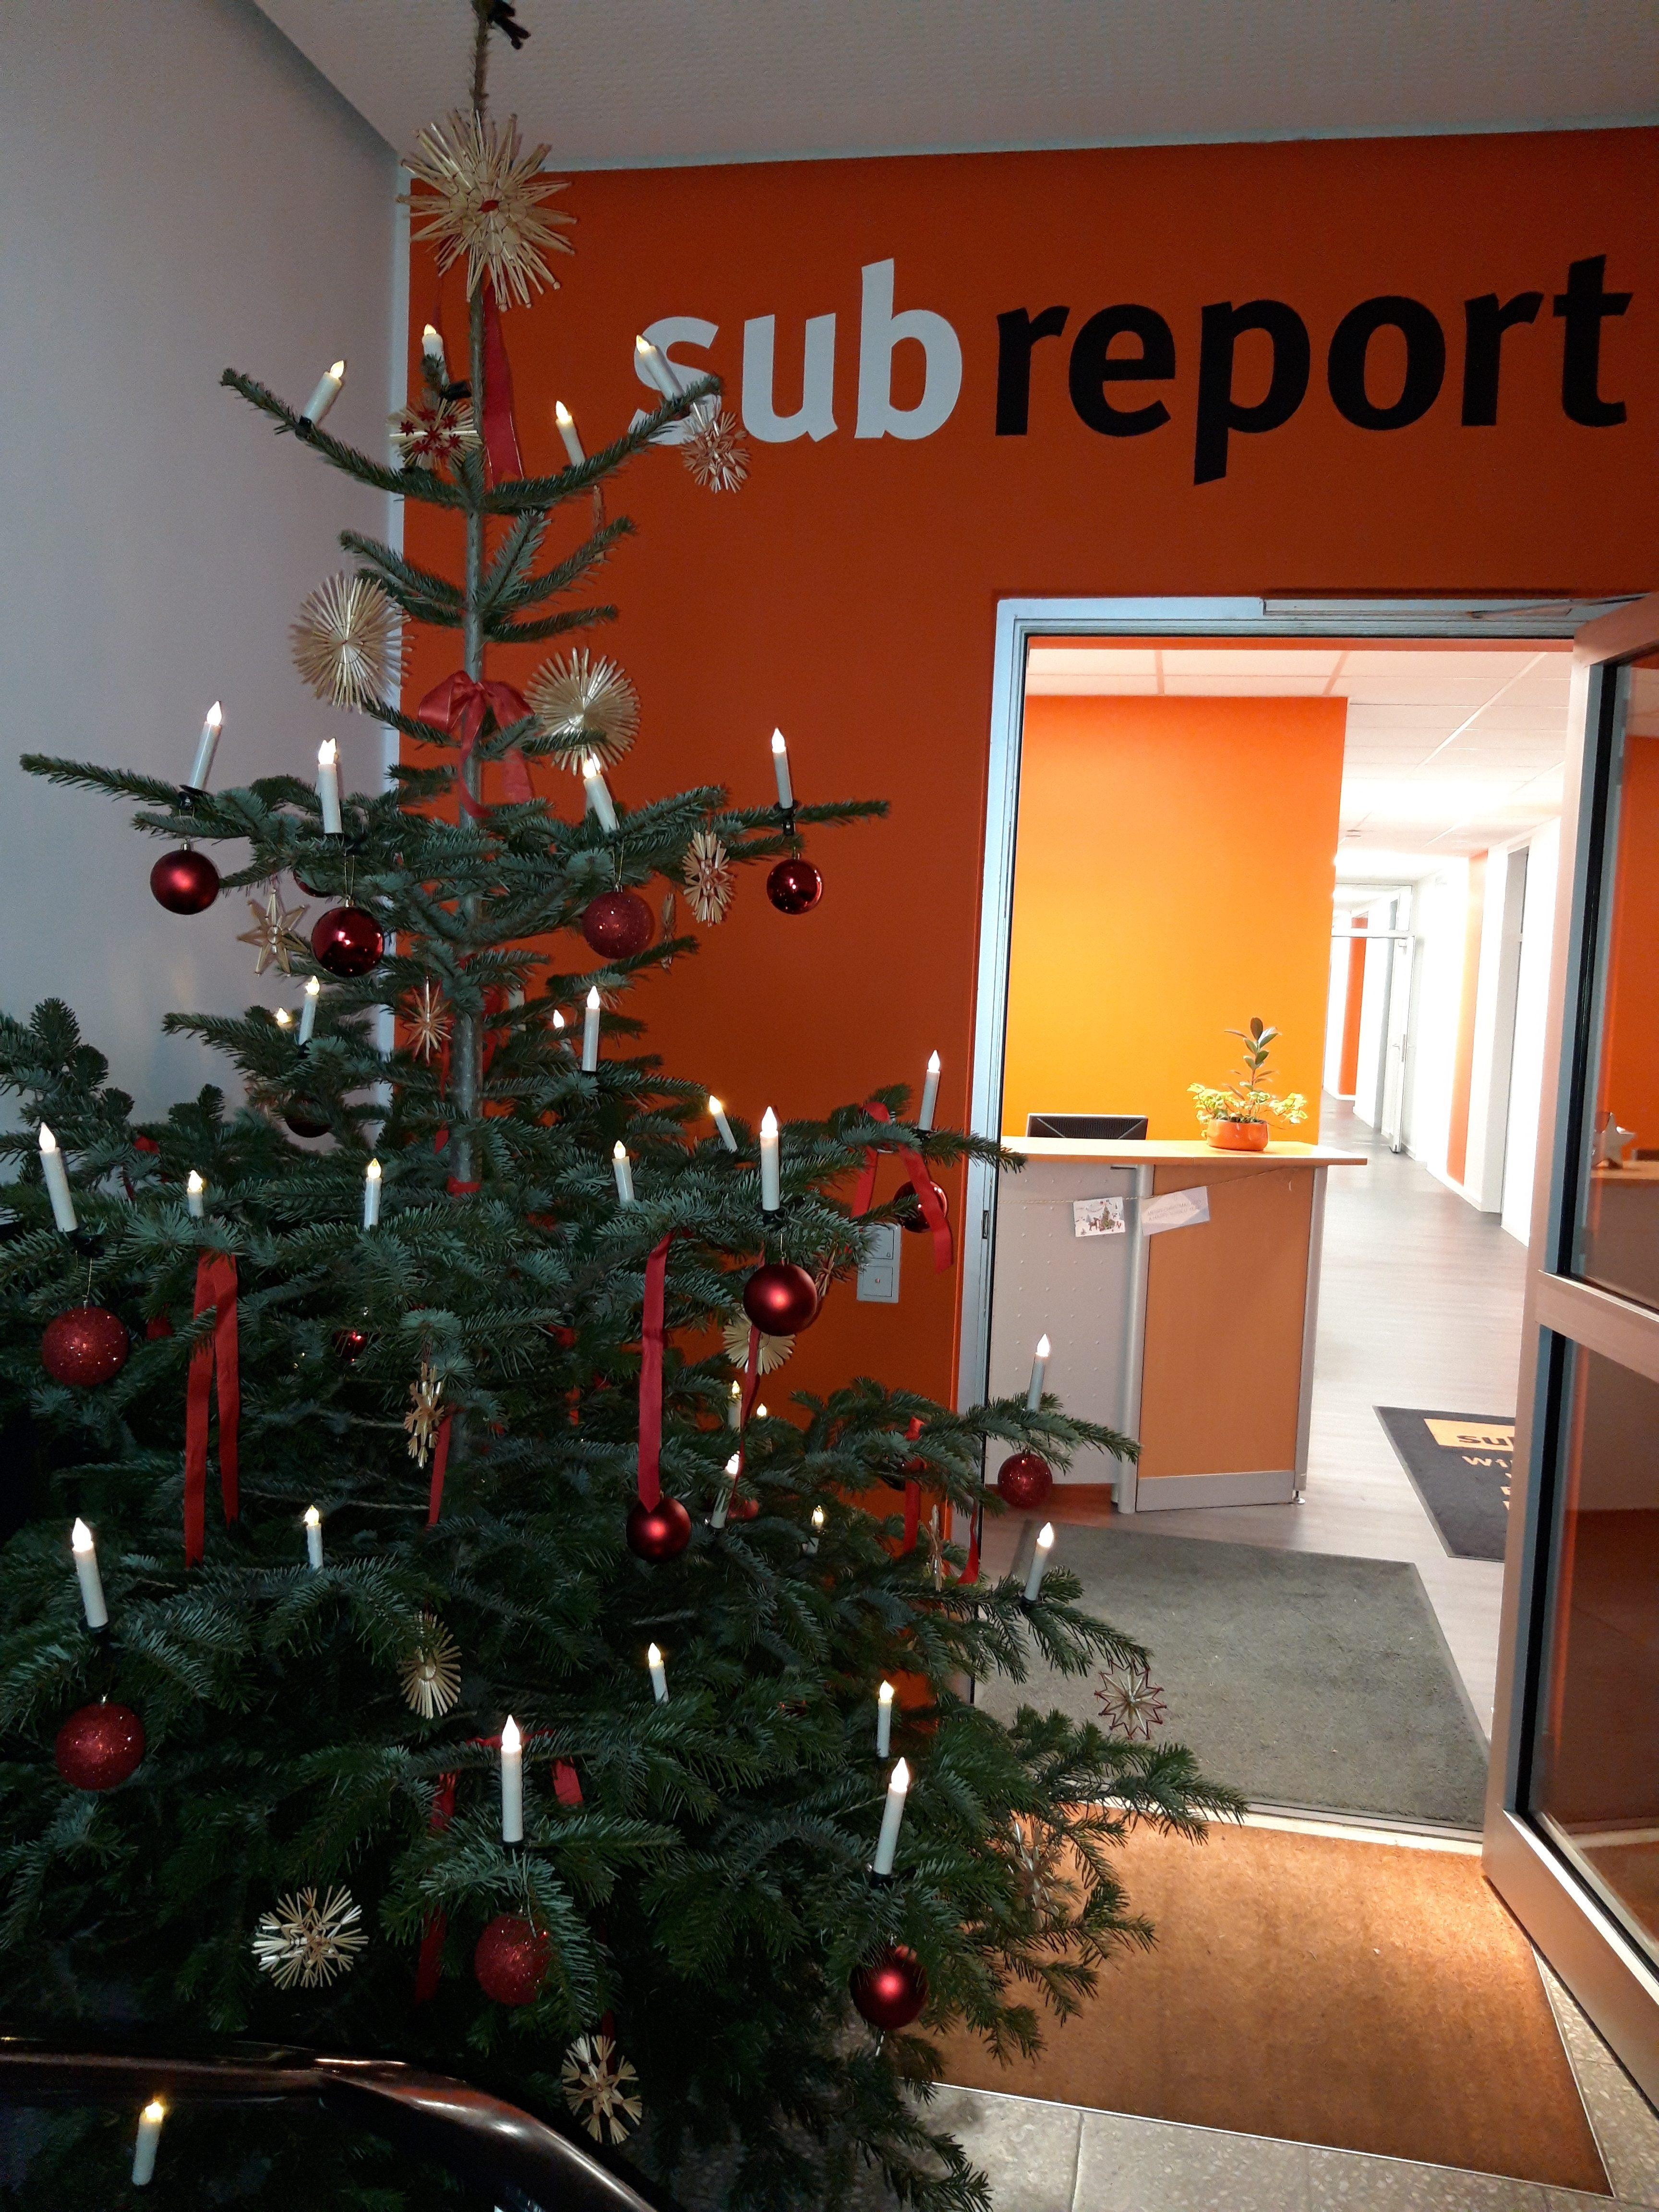 Weihnachtsbaum Der Guten Wünsche.Ein Frohes Weihnachtsfest Und Die Besten Wünsche Für Das Neue Jahr